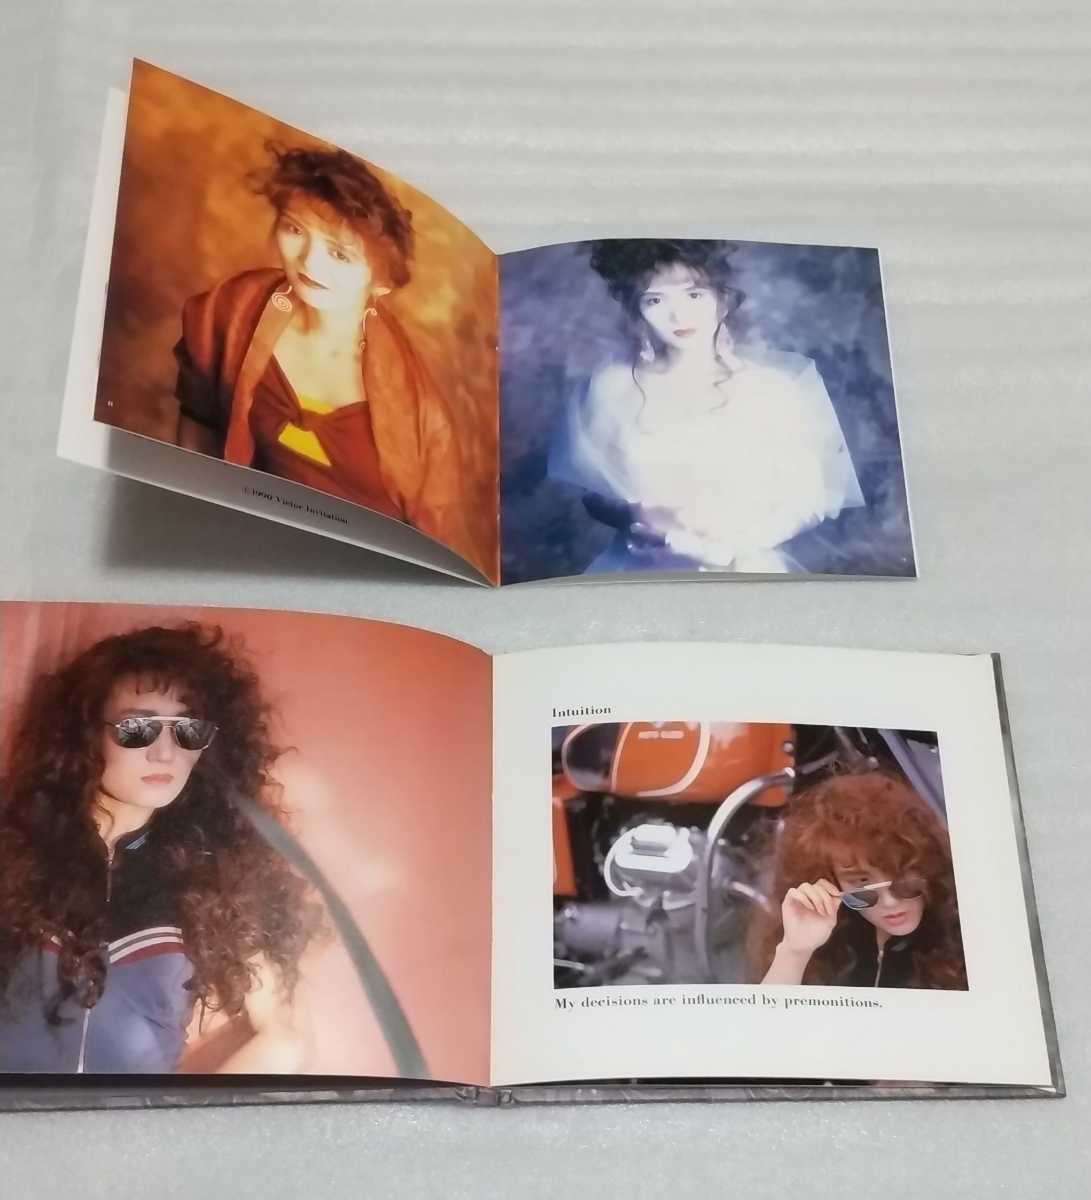 シンガー ソング ライター 浜田麻里 アルバム カラーズ 初回限定盤 スリーブ ケース ブック レット付 廃盤CD COLORS VICL-52 4988002209798_※使用感も無い方かと思います。